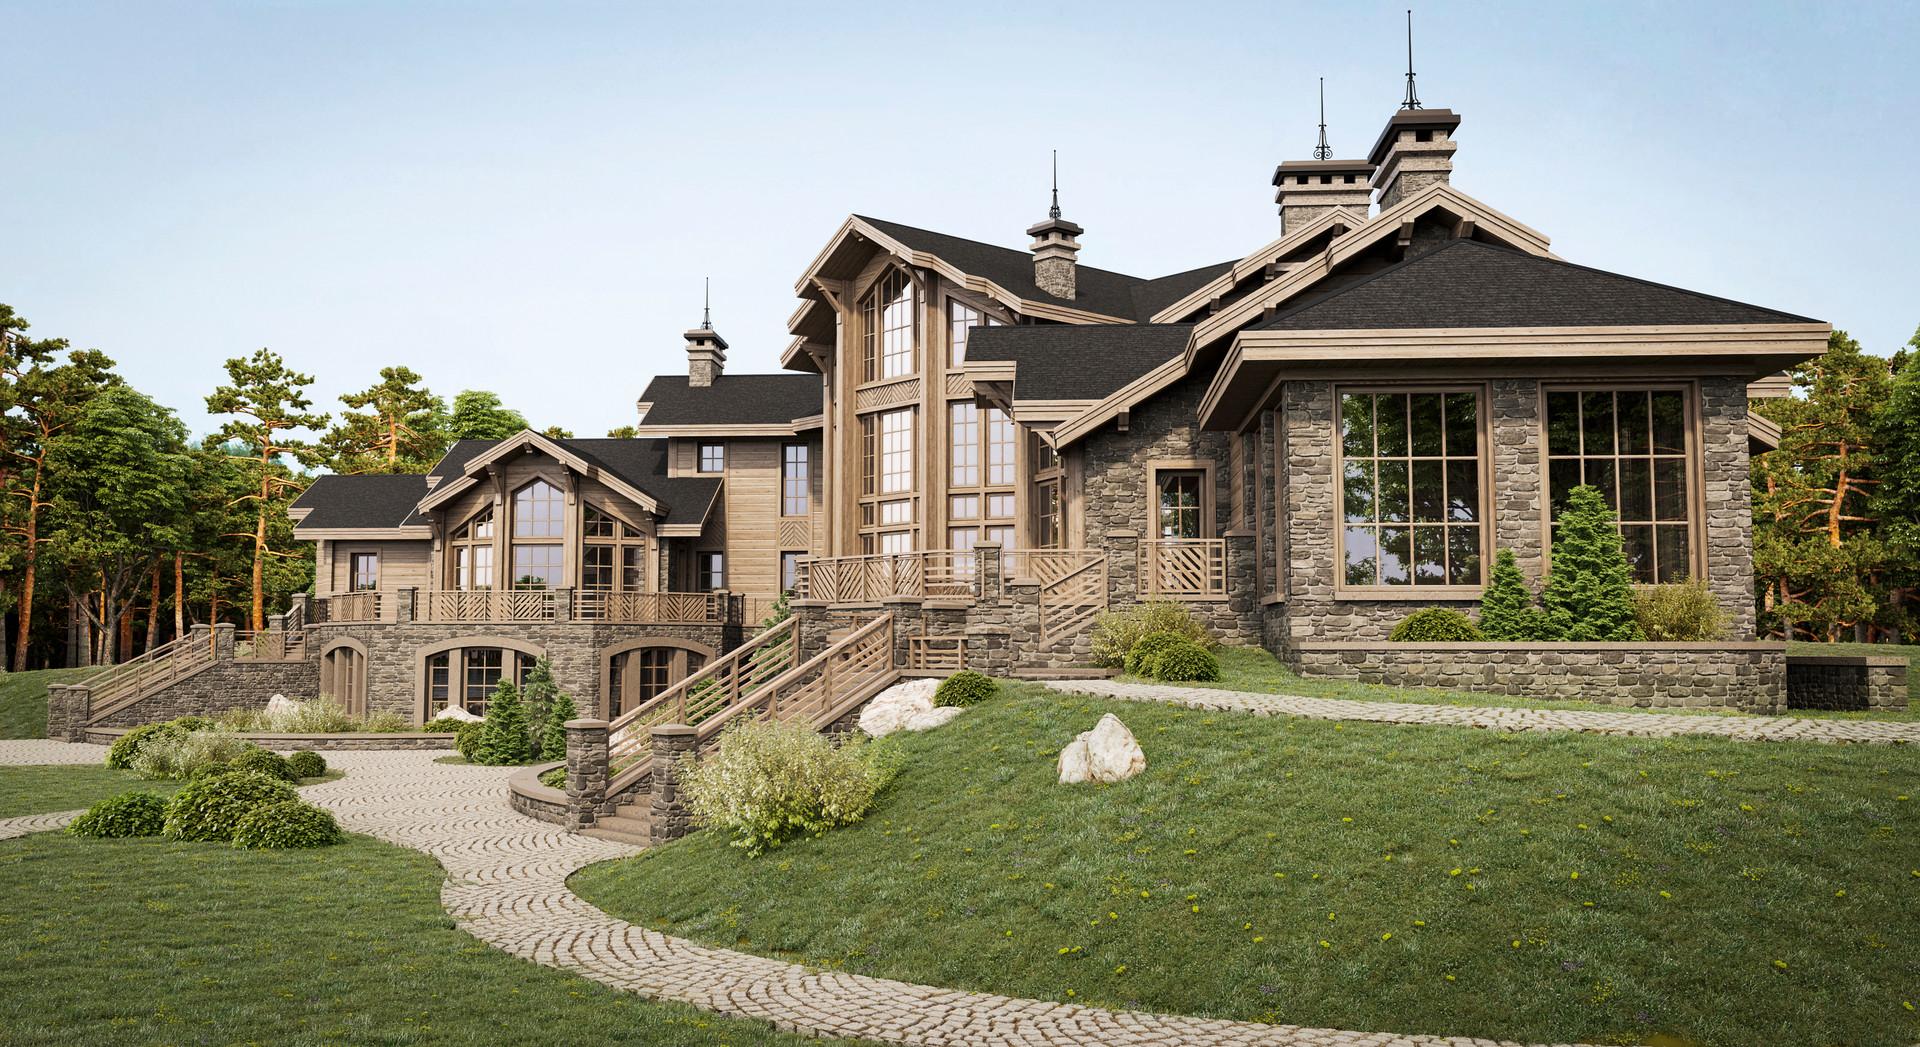 Традиционная архитектура. Архитектурное проетирование. Проектирование домов. Частная Архитектура